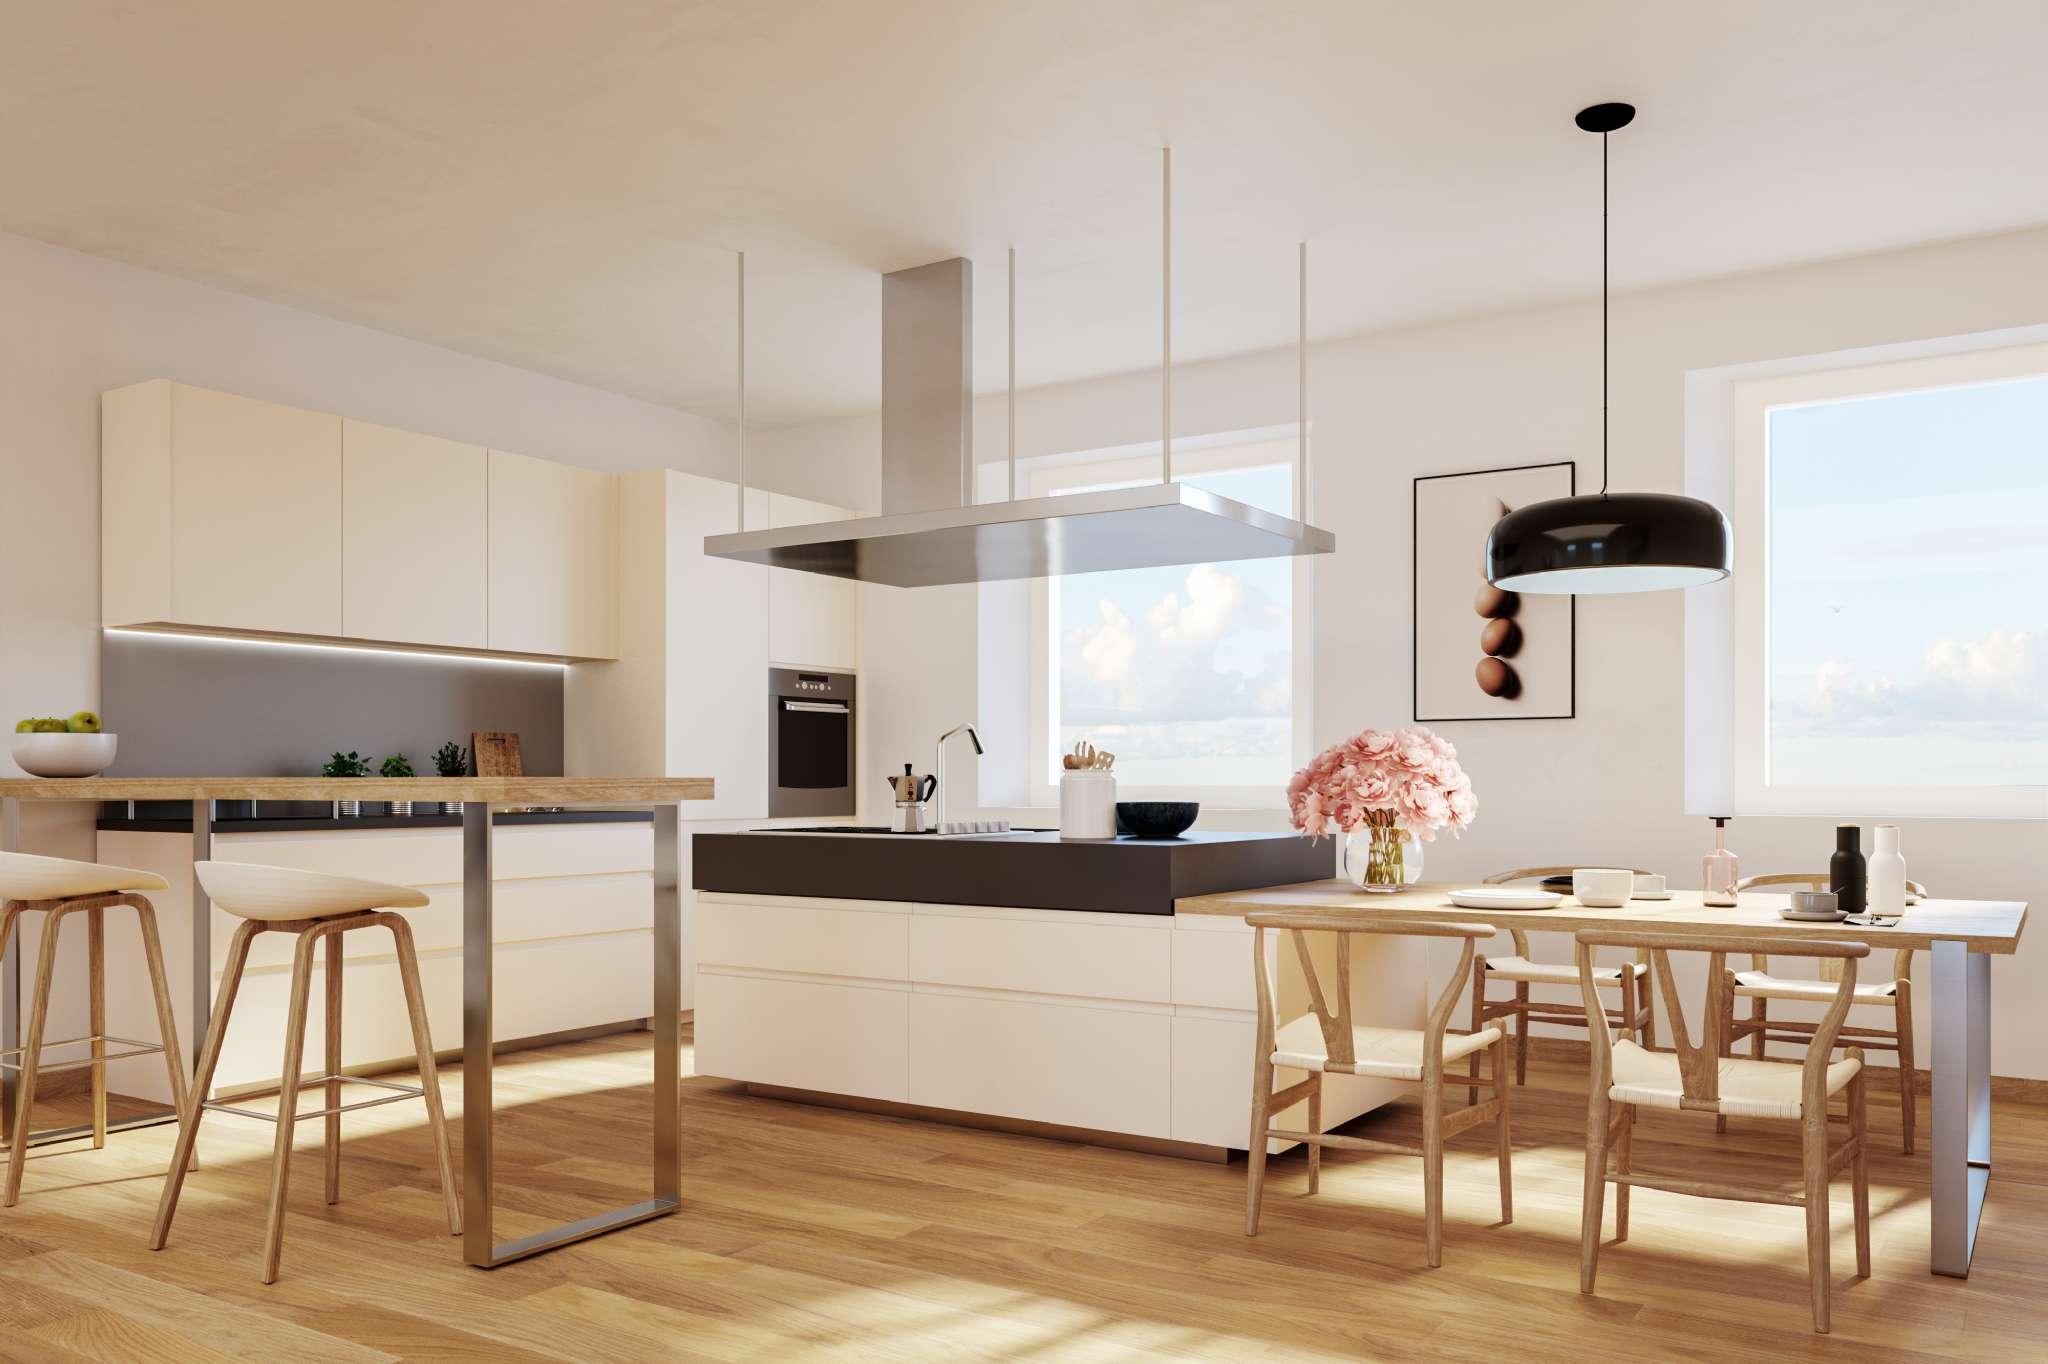 Appartamento in vendita a Chiavari, 3 locali, prezzo € 320.000 | PortaleAgenzieImmobiliari.it